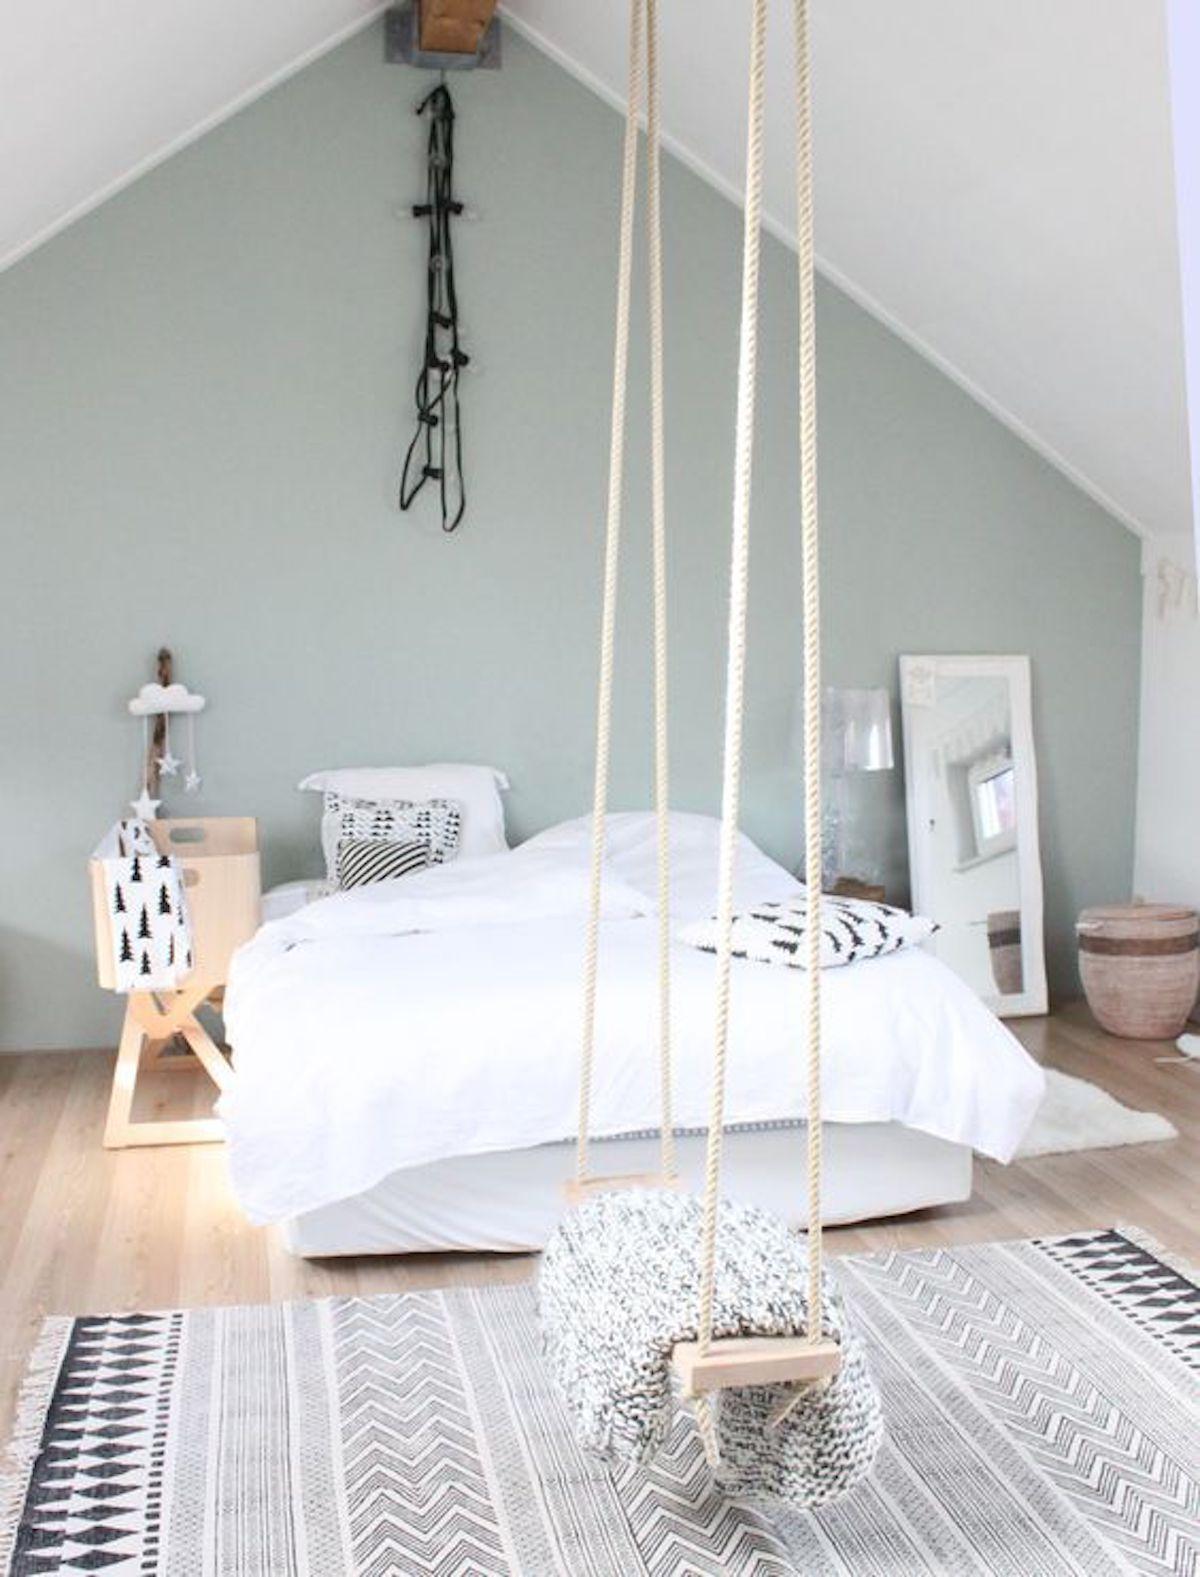 Decoration Vert Celadon Astuces Et Inspirations Deco Chambre Decoration Chambre Et Idee Deco Chambre